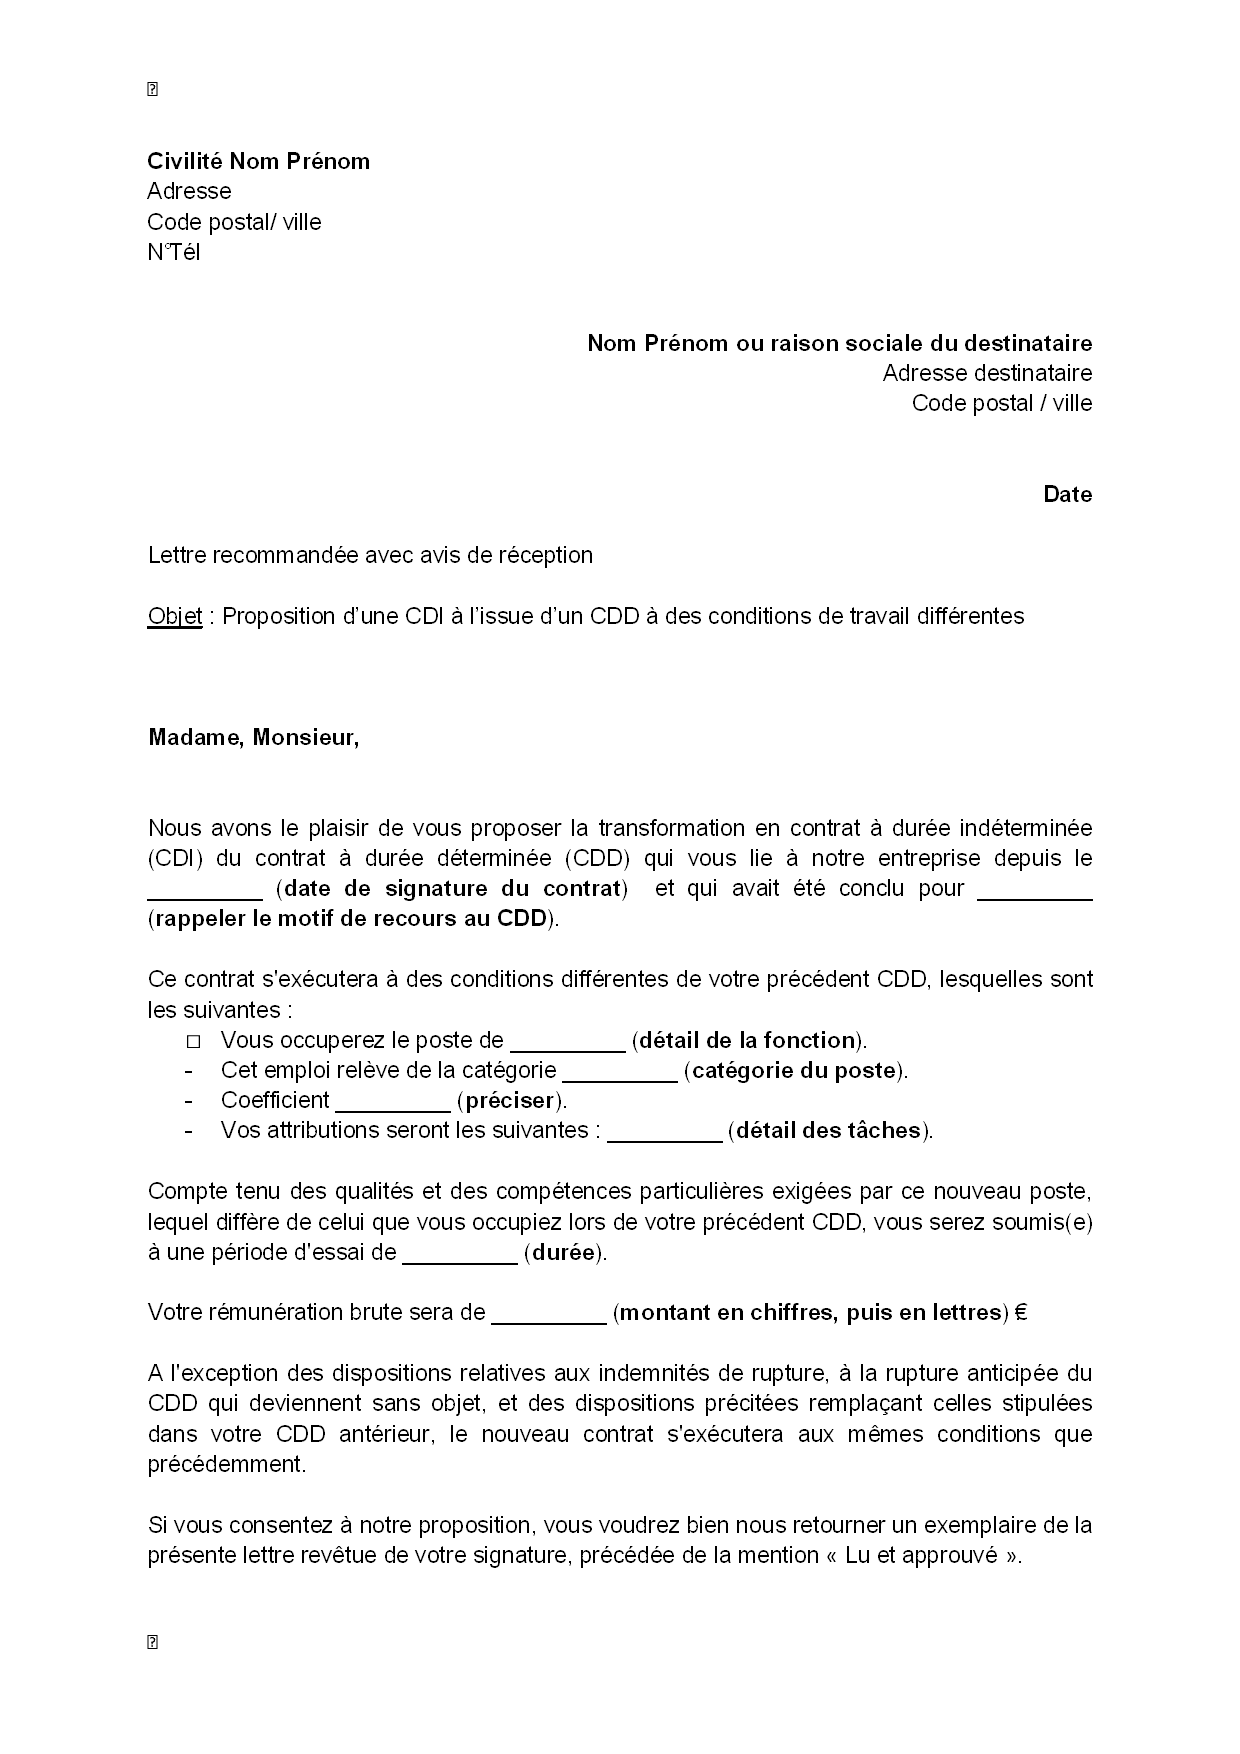 lettre de proposition d u0026 39 un cdi  u00e0 l u0026 39 issue d u0026 39 un cdd  u00e0 des conditions de travail diff u00e9rentes